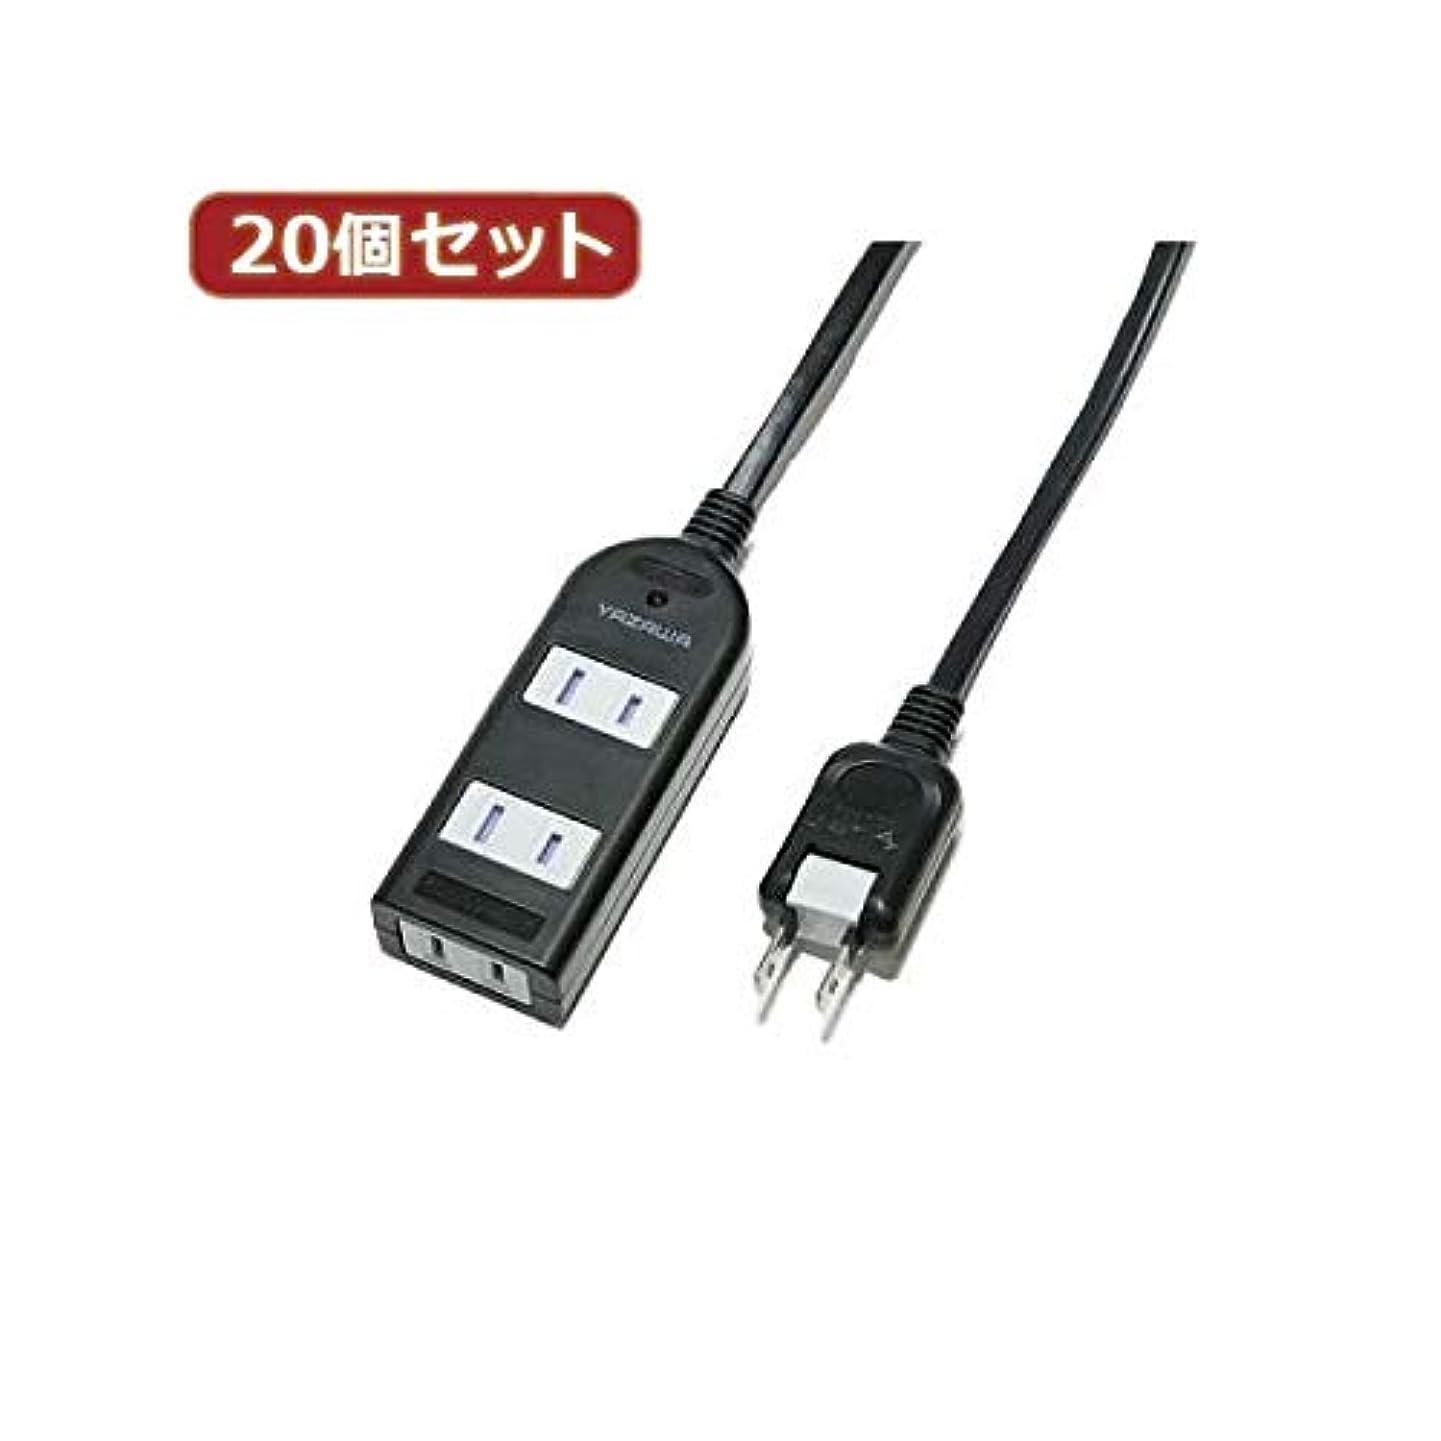 胆嚢禁止する師匠YAZAWA 20個セット ノイズフィルター付AV機器タップ Y02KNS303BKX20 AV デジモノ パソコン 周辺機器 電源タップ タップ 14067381 [並行輸入品]